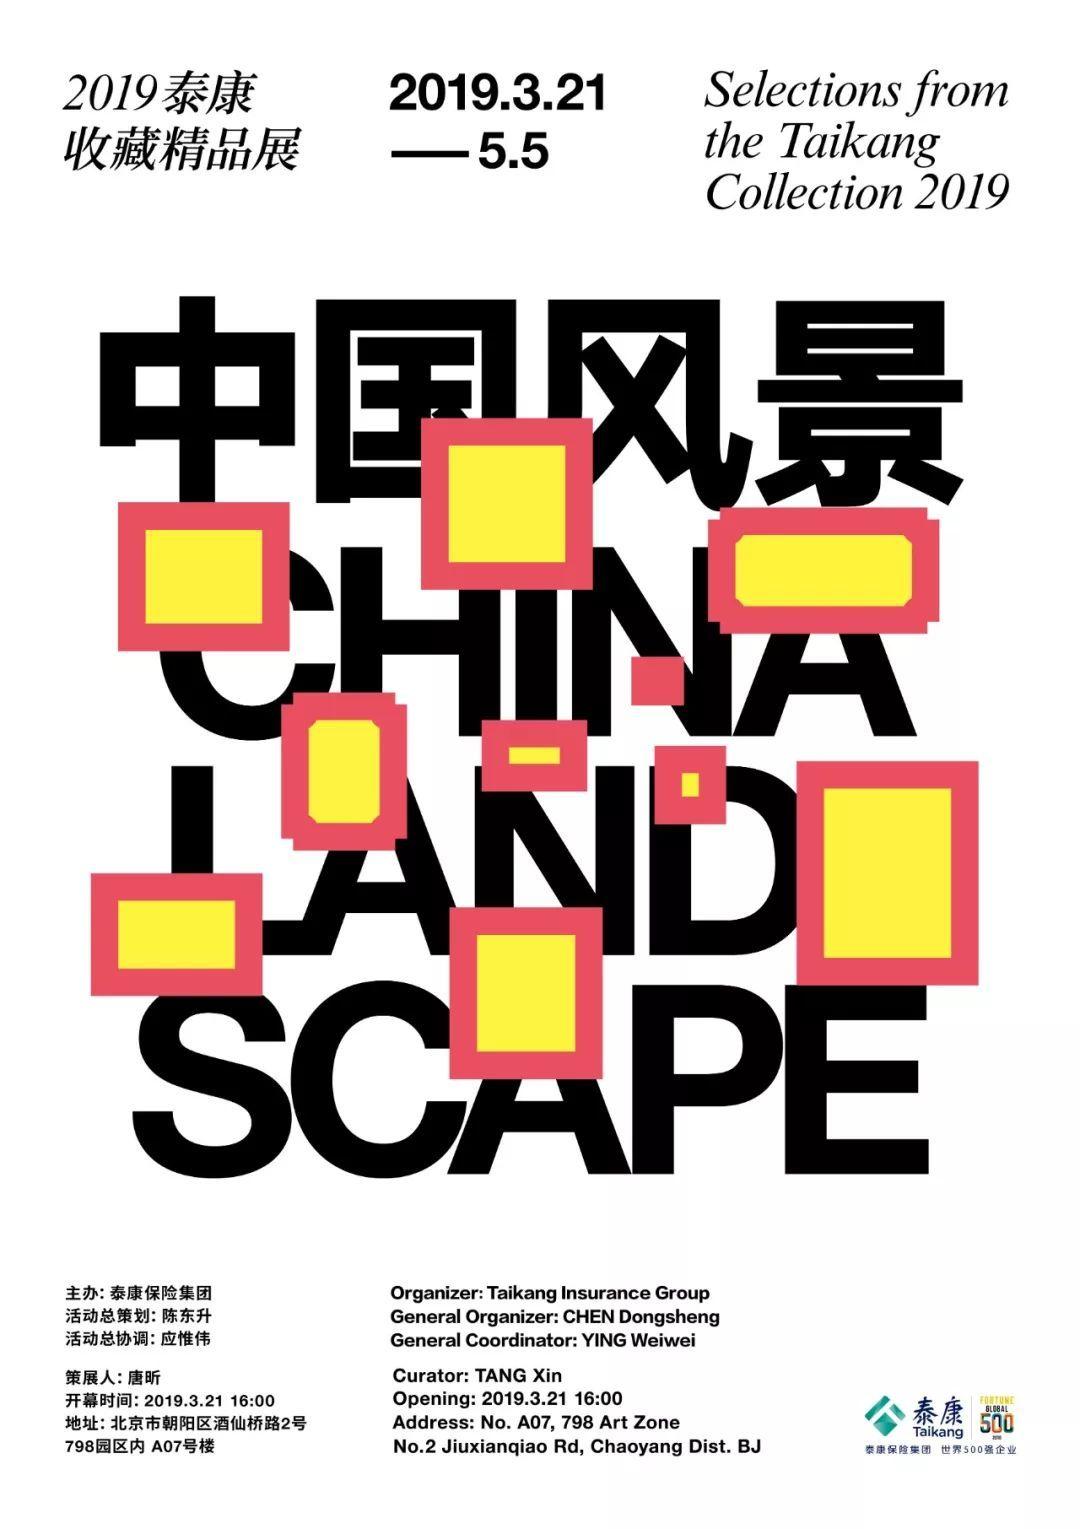 中国风景:2019泰康收藏精品展